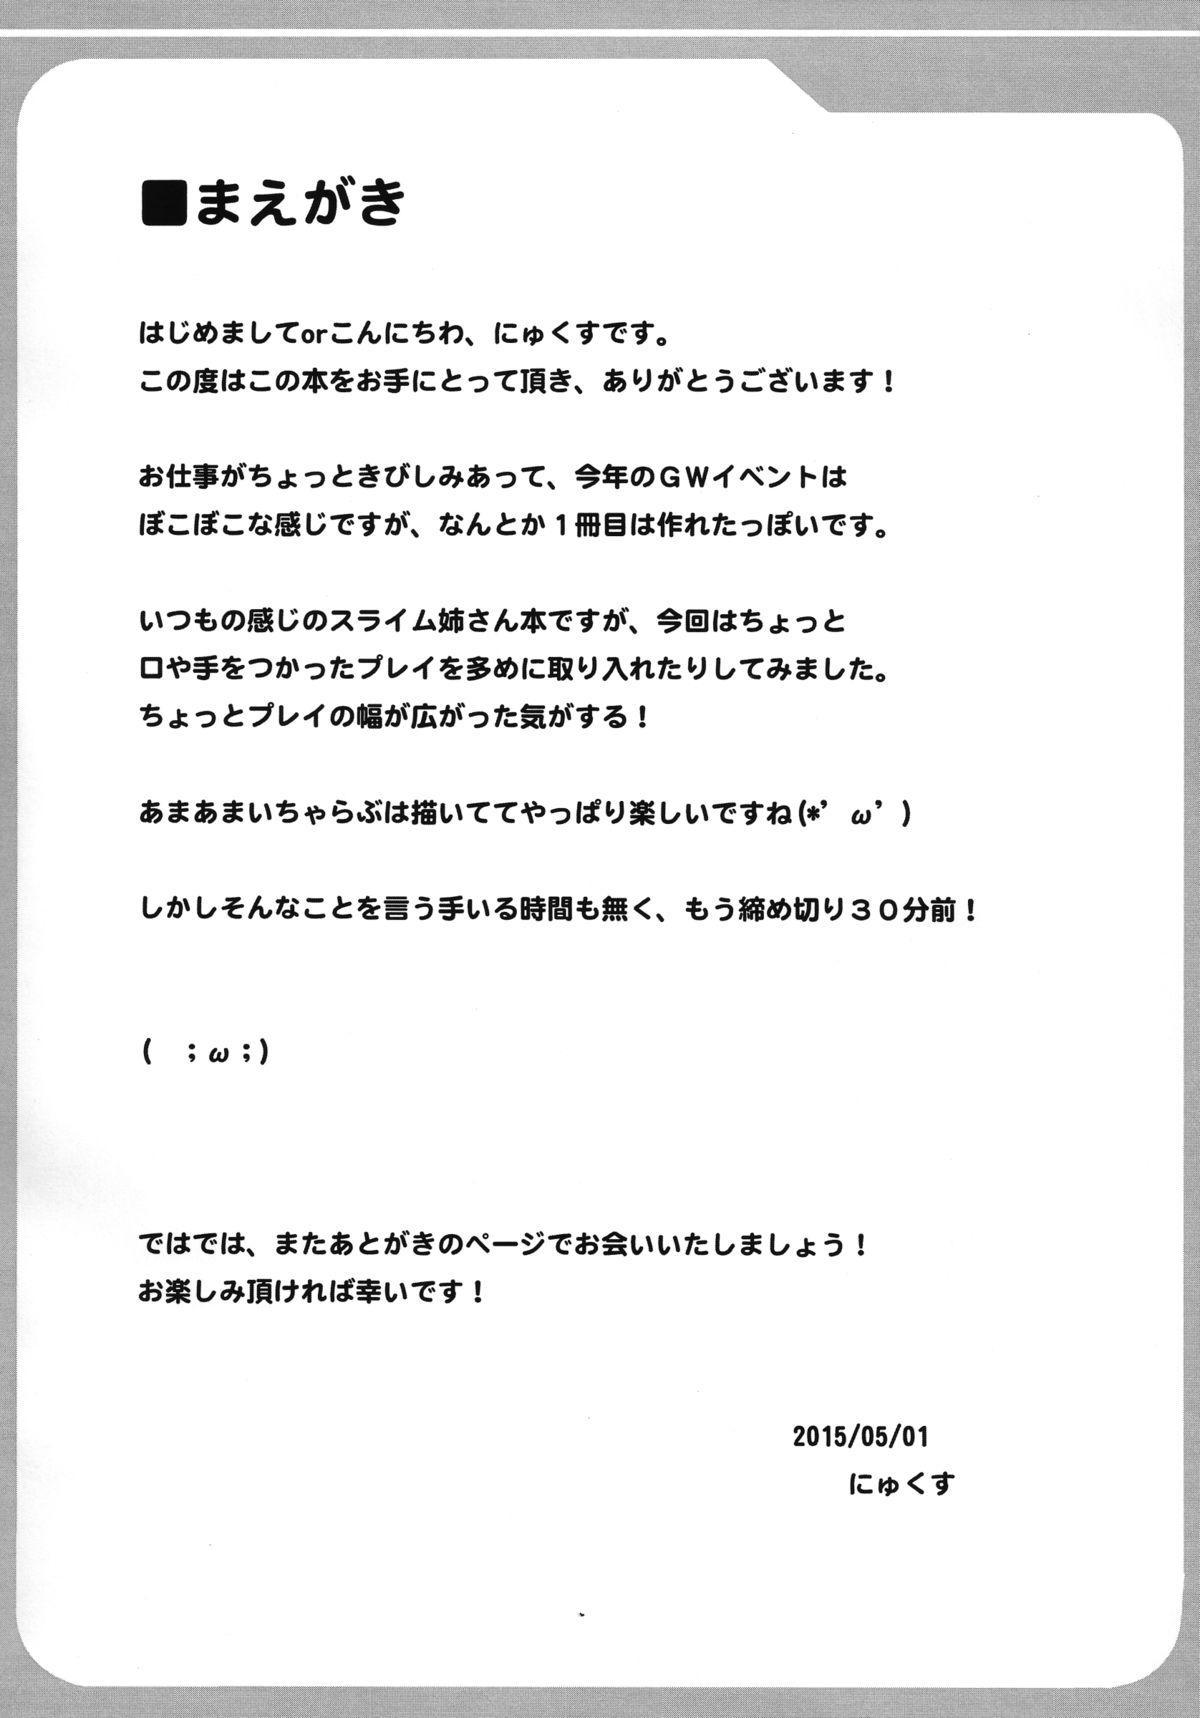 Futanari Kuro Tights no Slime Nee-san ni Shaburarete Fumarete Horarete Kimochi Yoku Nacchau Shotakko no Hon 3